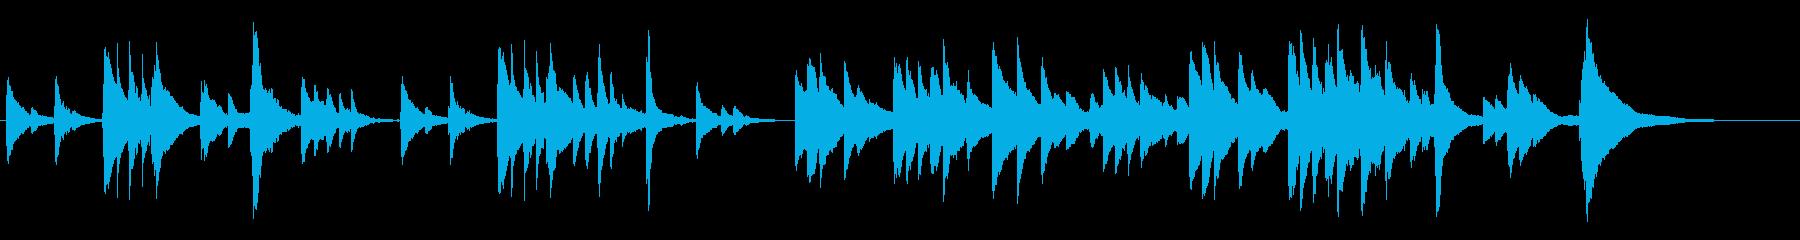 感動するシーンに使えそうな曲の再生済みの波形